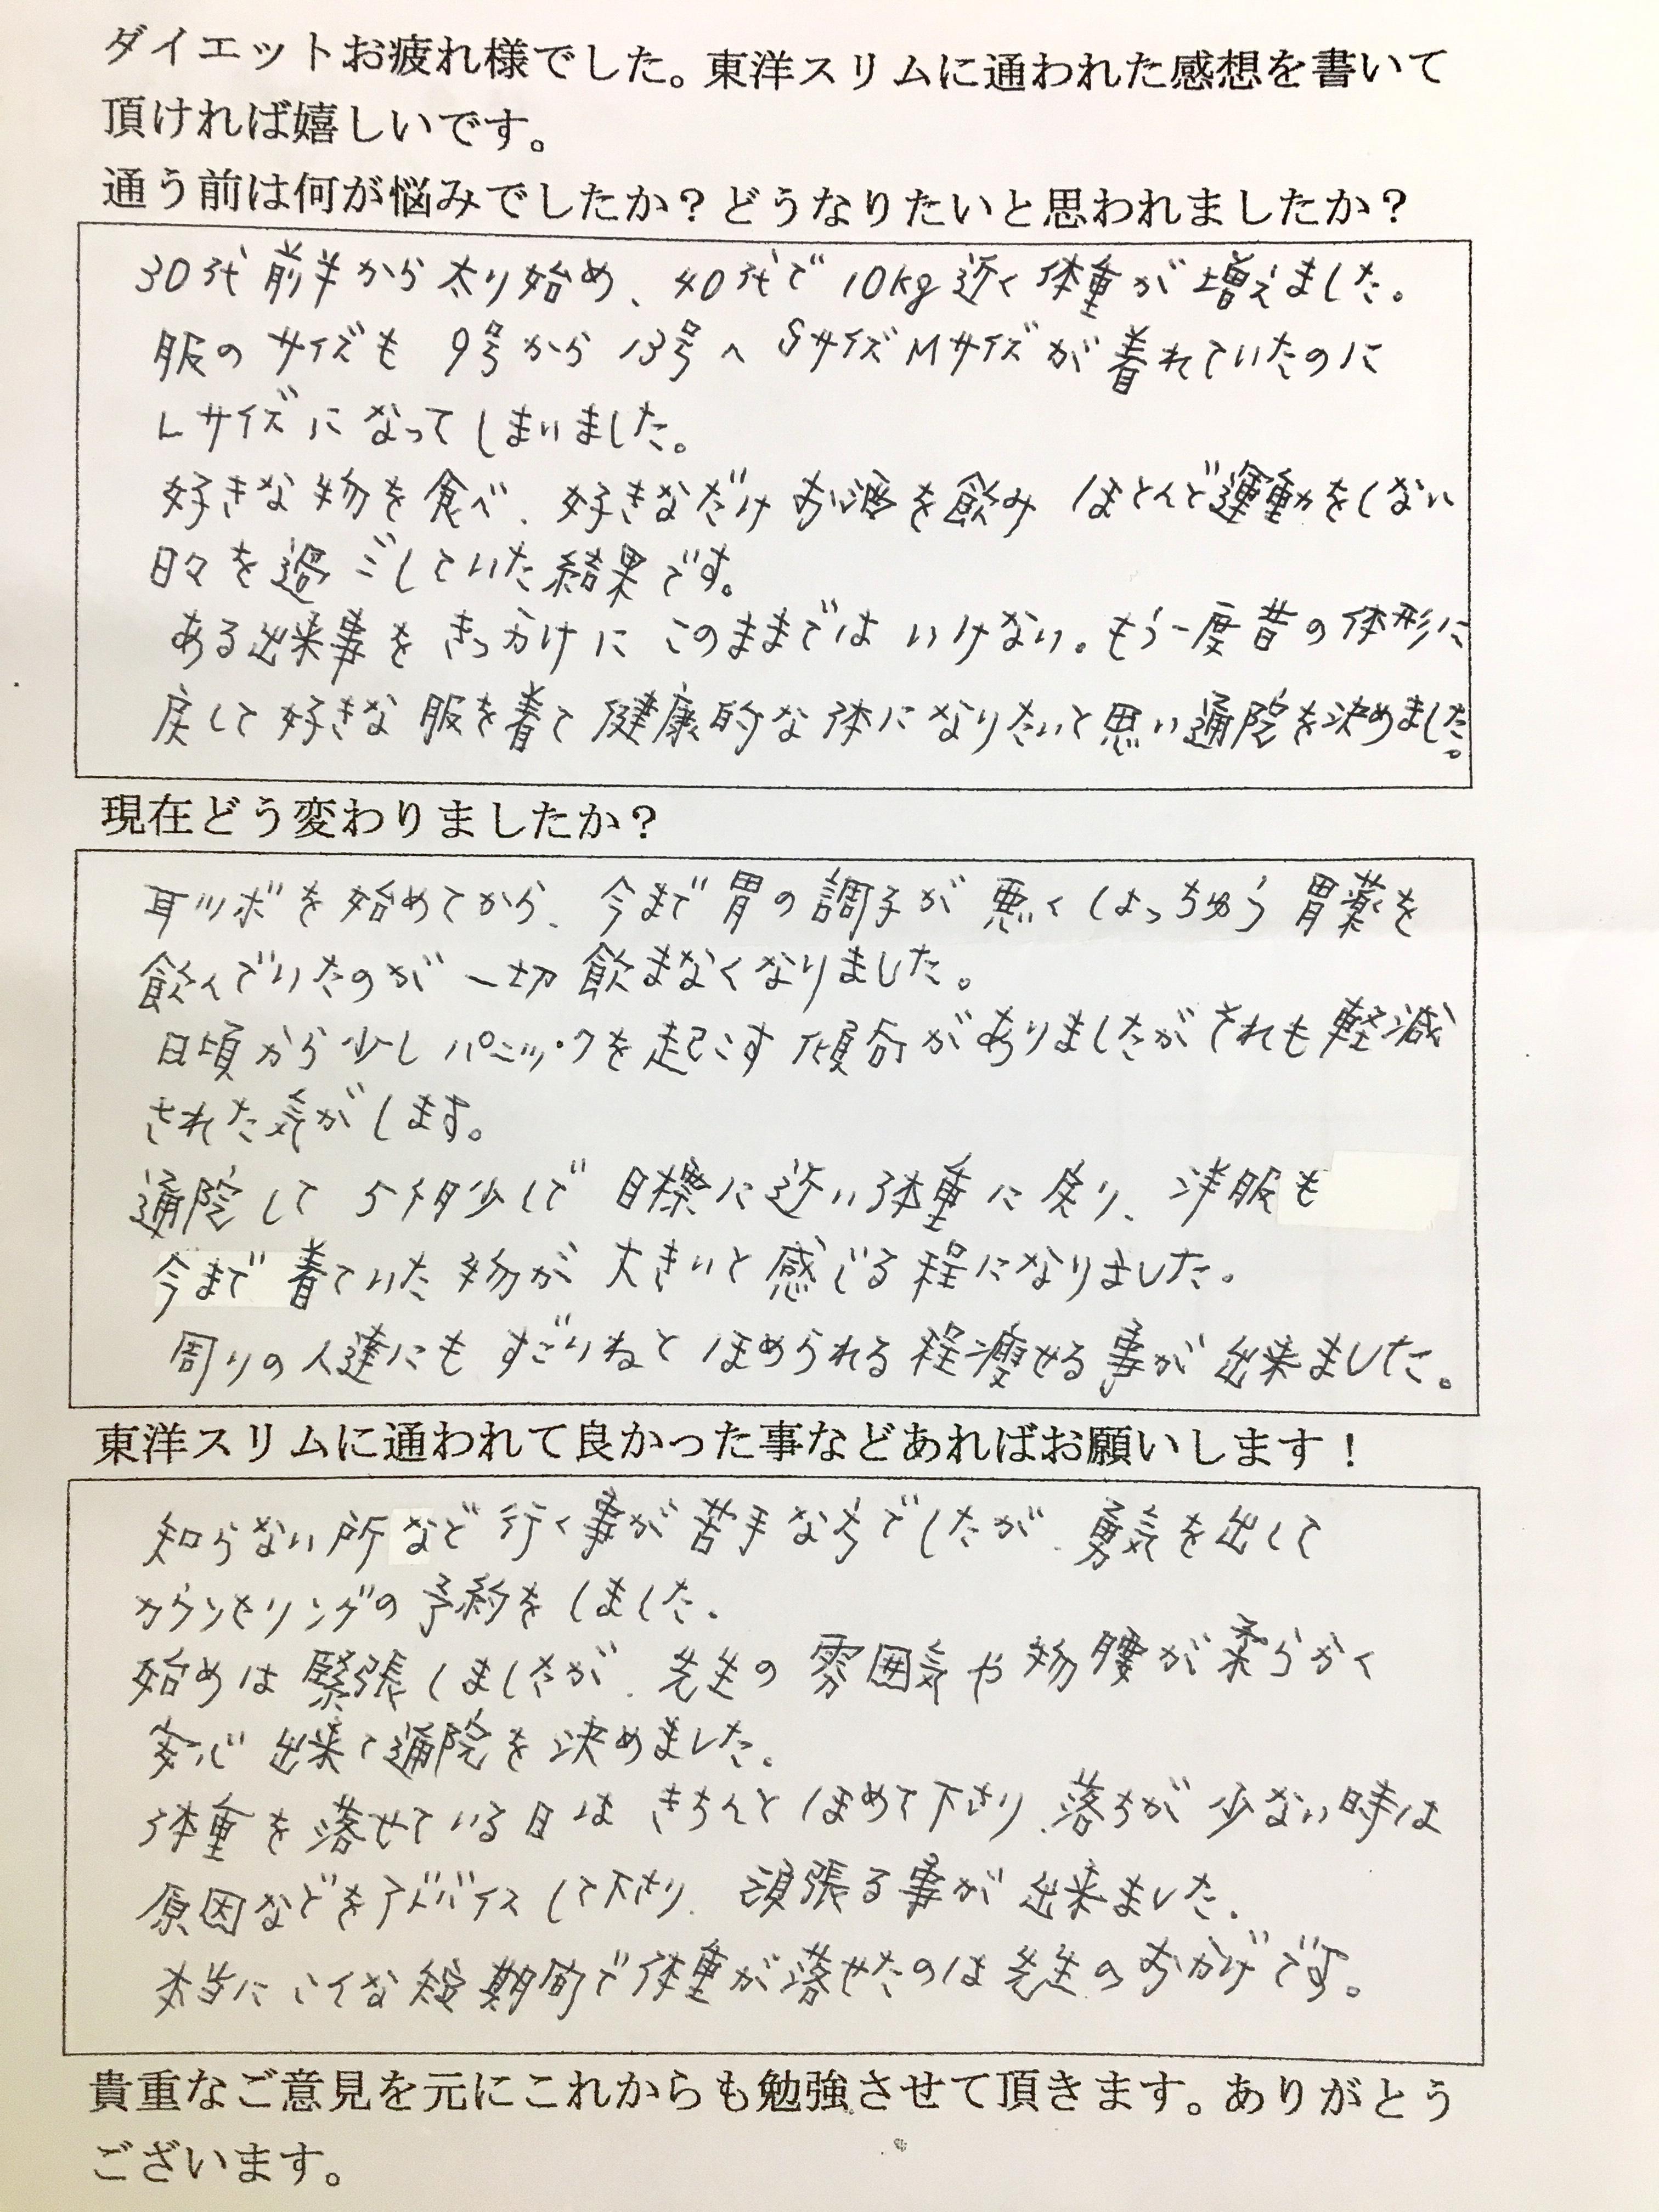 [皆様の声]大阪府藤井寺市Sさん(40代女性)耳つぼ痩身法で10kgダイエット 周りの人にすごいねと褒められるほど痩せました。